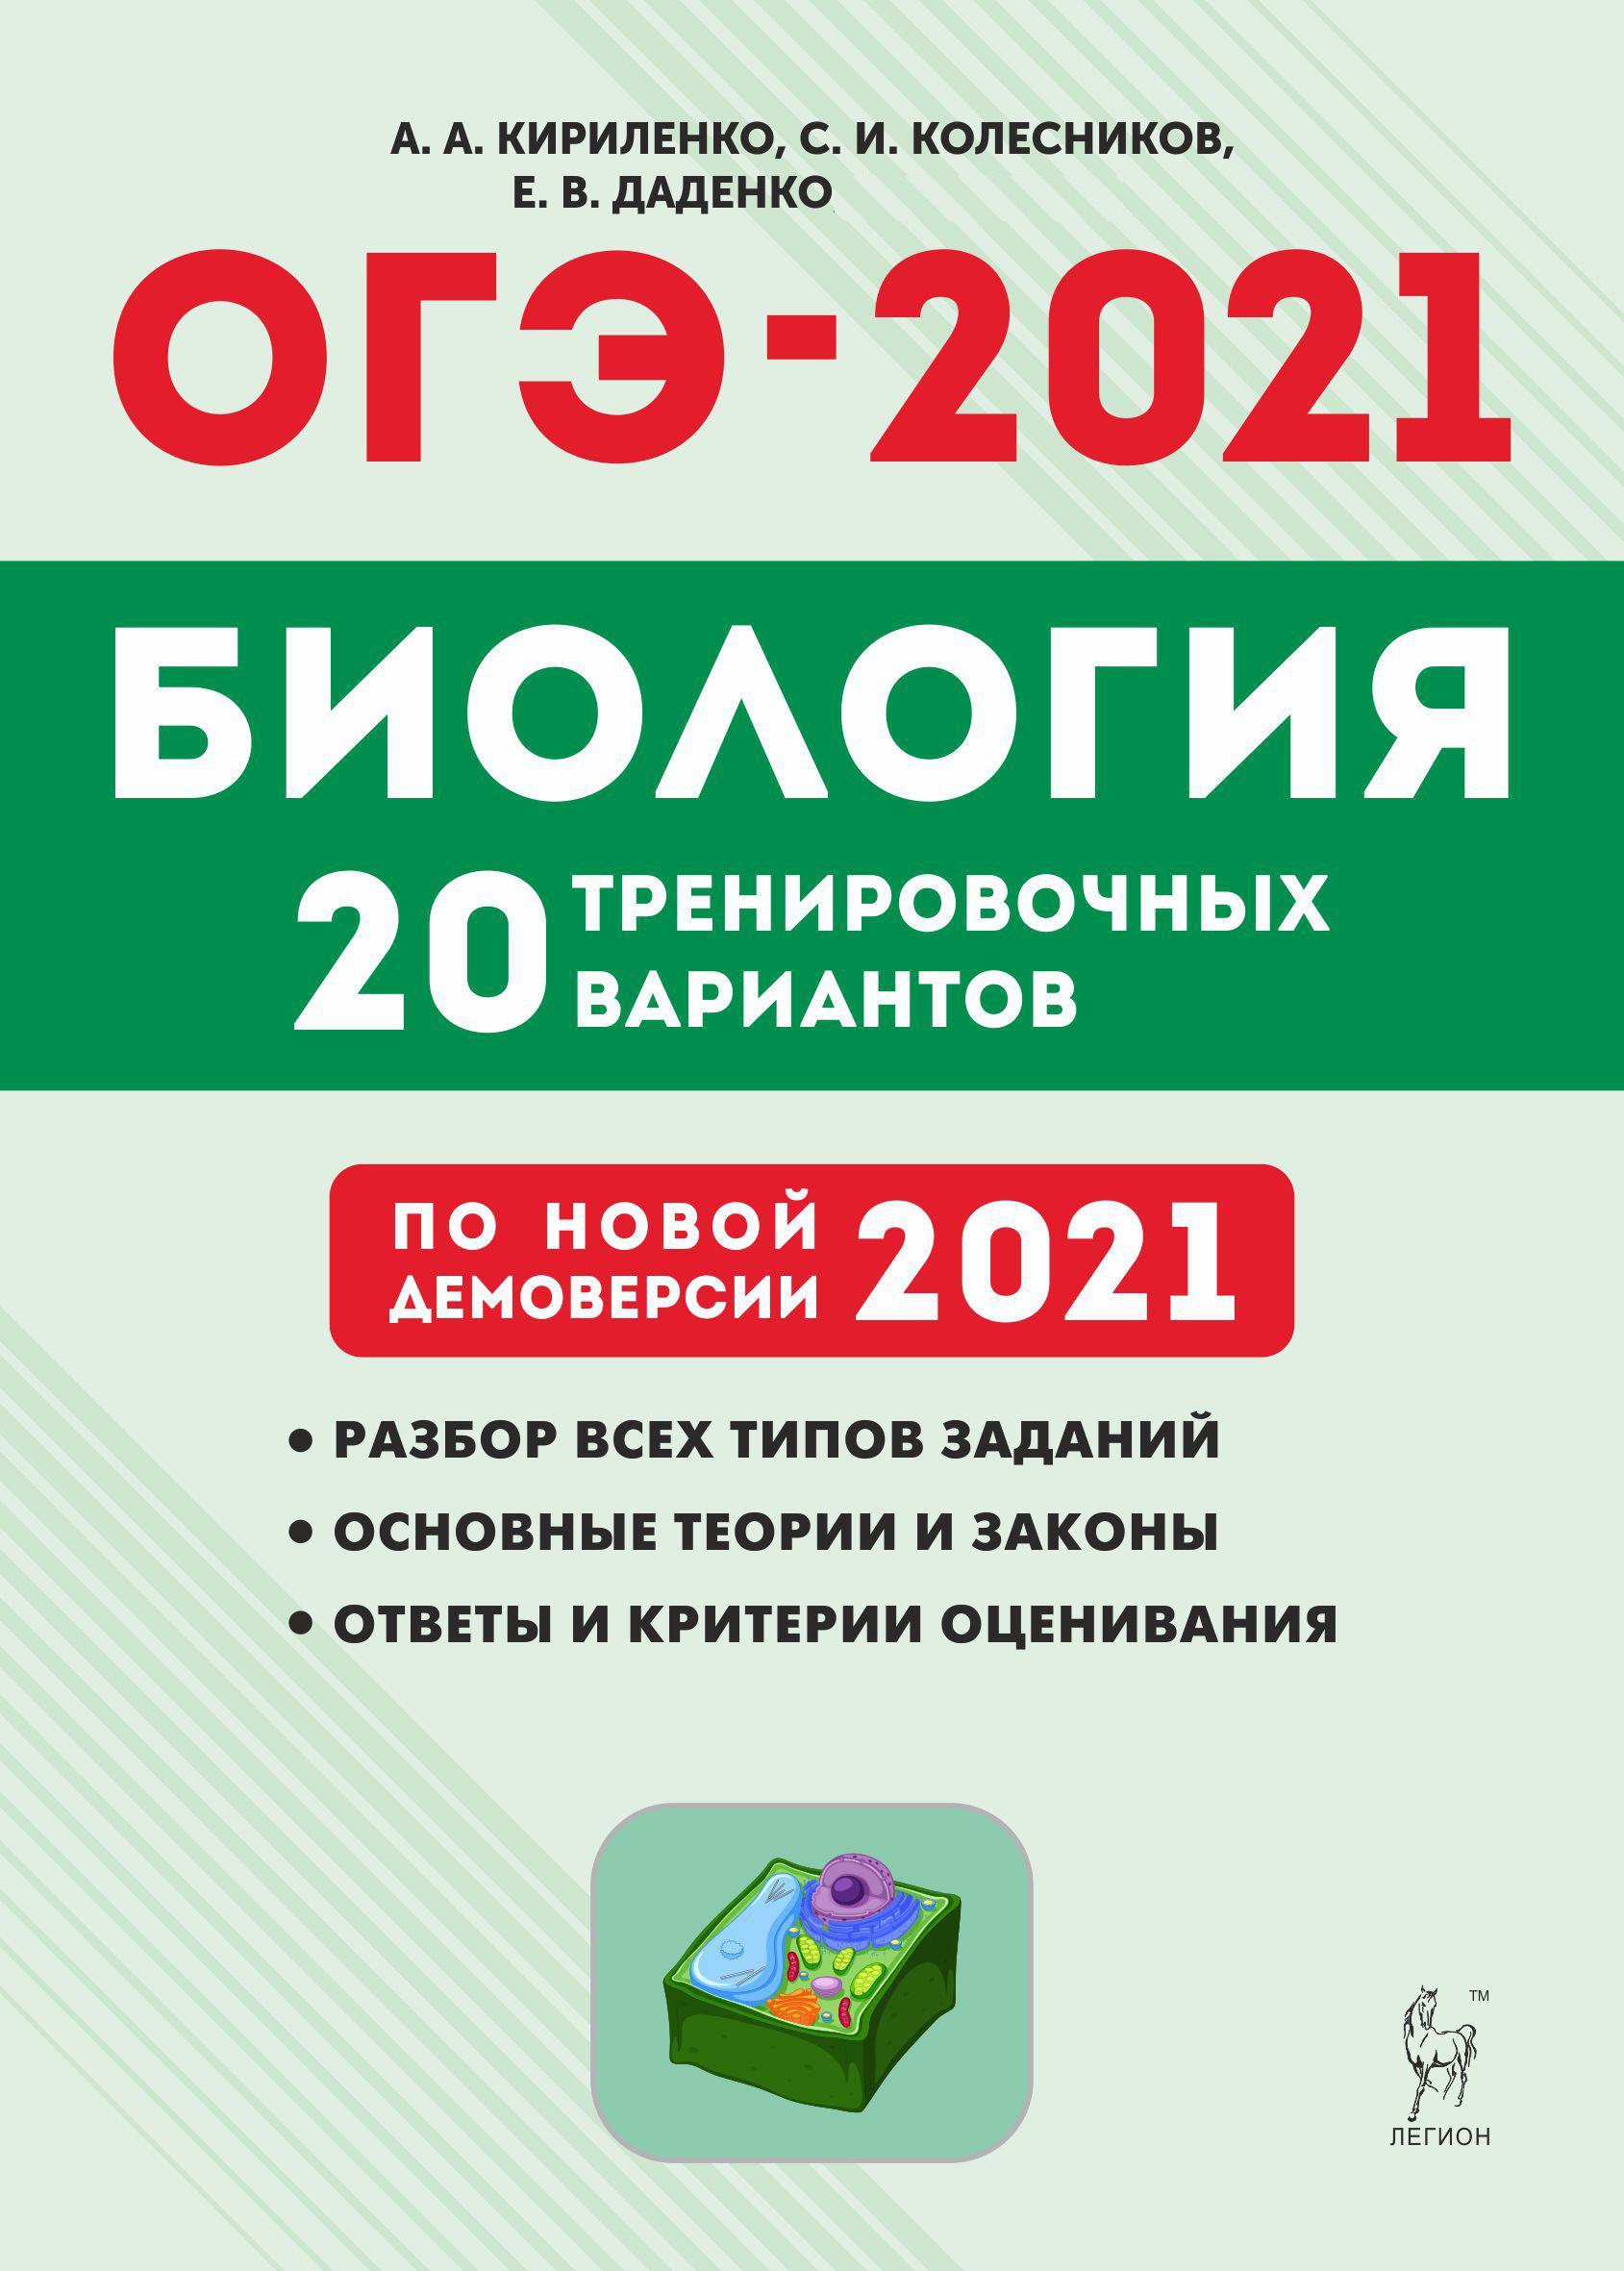 Биология. Подготовка к ОГЭ-2021. 9 кл. 20 тренировочных варианта по демоверсии 2021 года. /Кириленко.